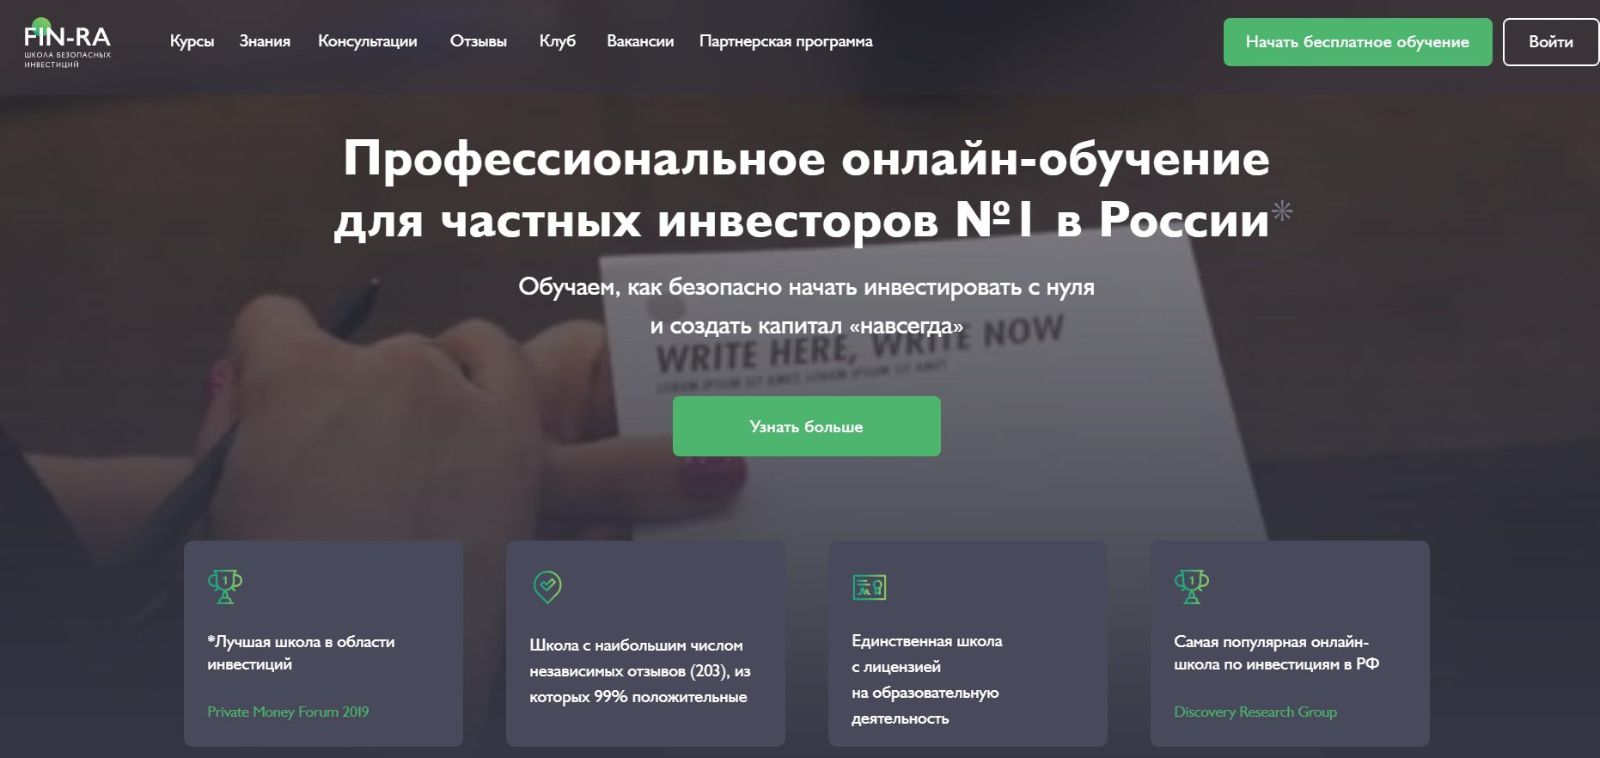 Дмитрий Толстяков школа безопасных инвестиций Fin-ra